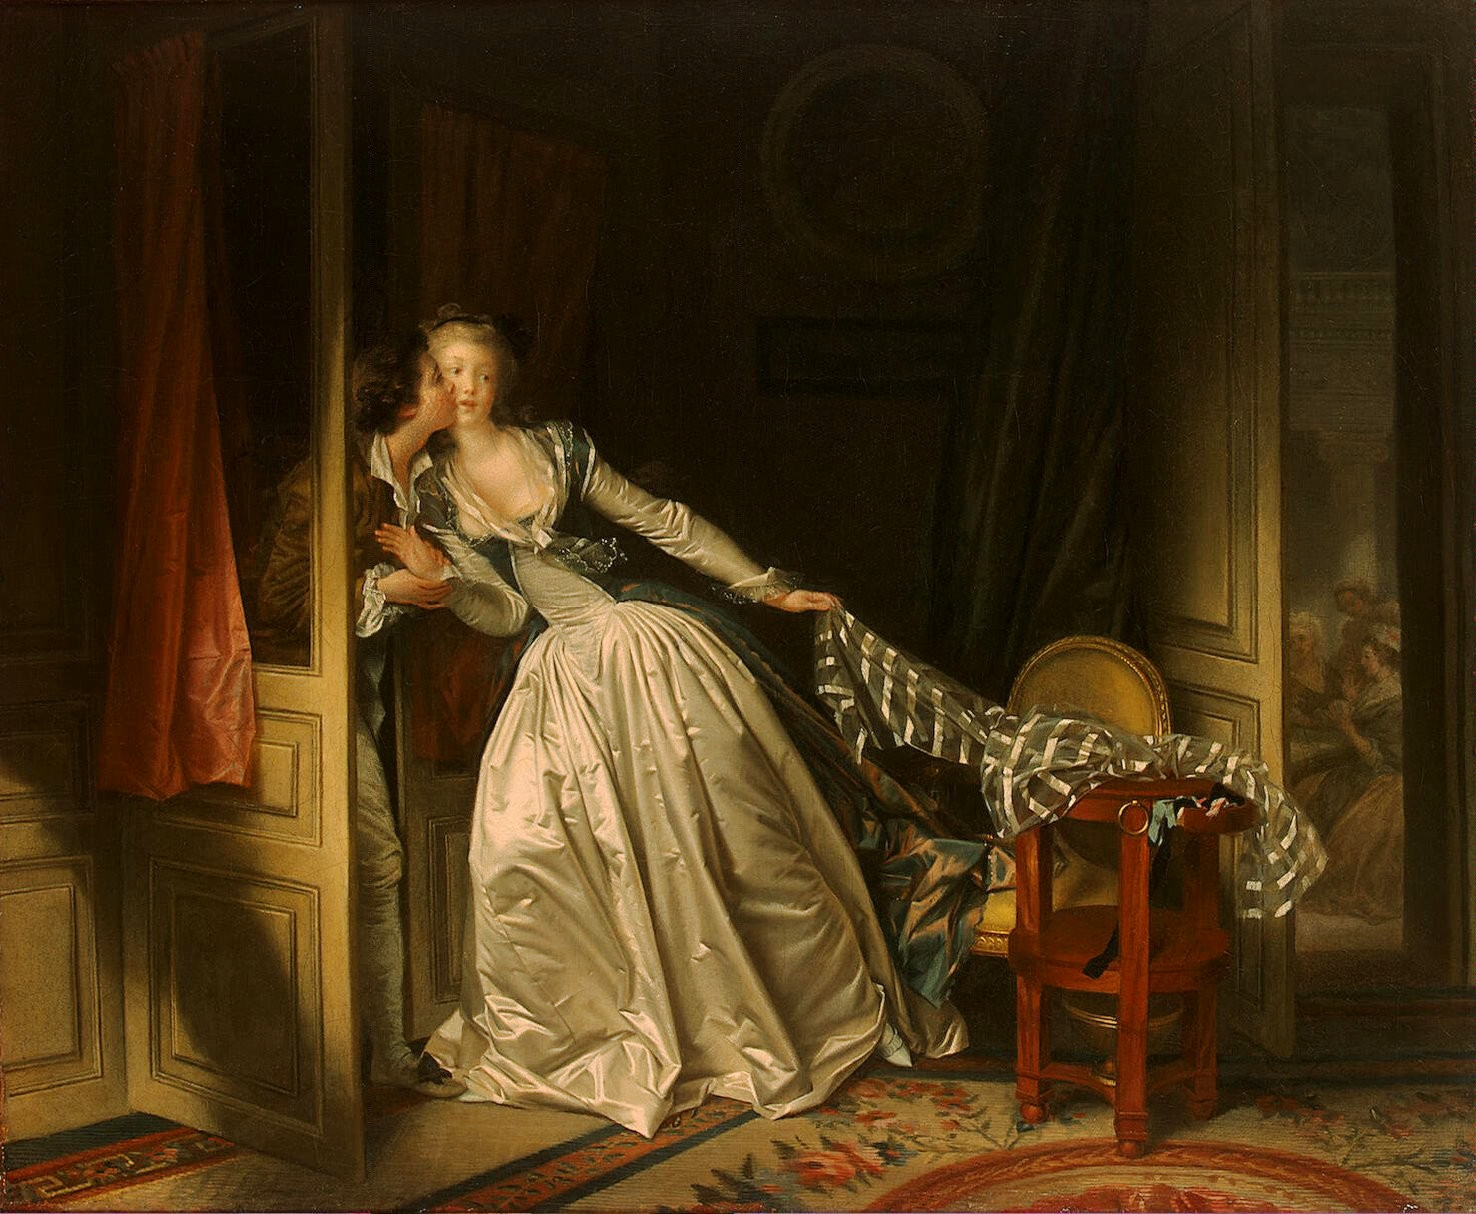 http://uploads3.wikipaintings.org/images/jean-honore-fragonard/the-stolen-kiss-1788.jpg